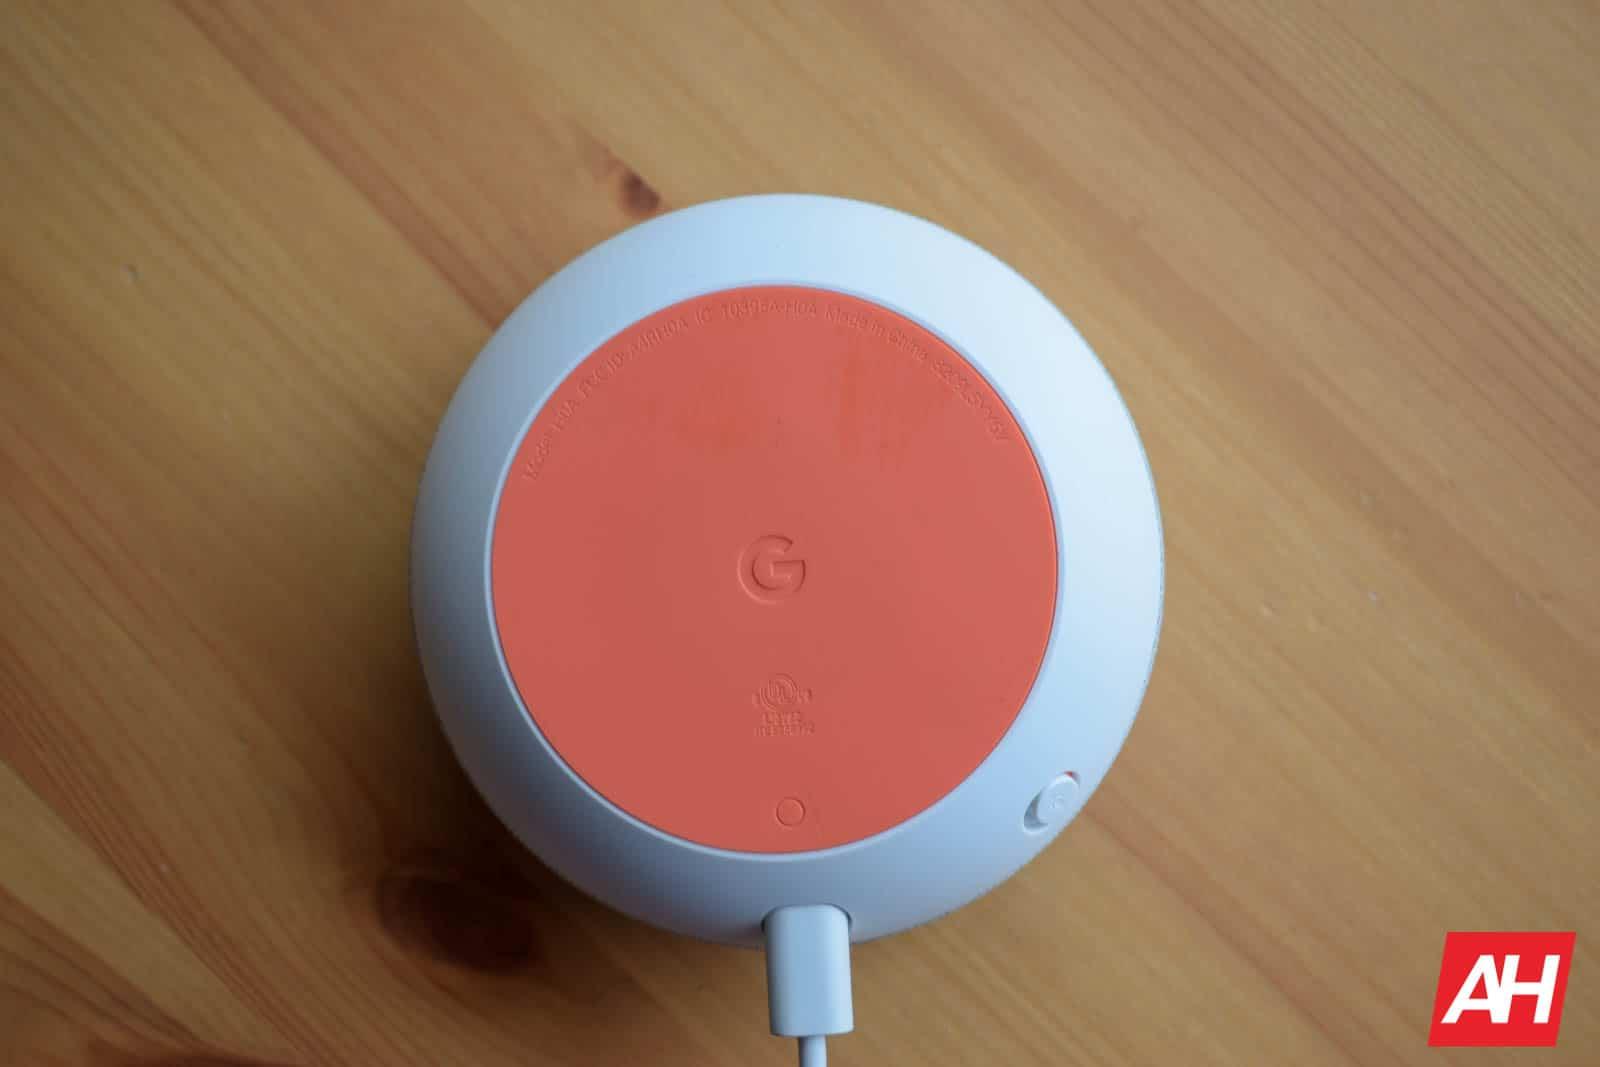 Google Home Mini AM AH 1 2